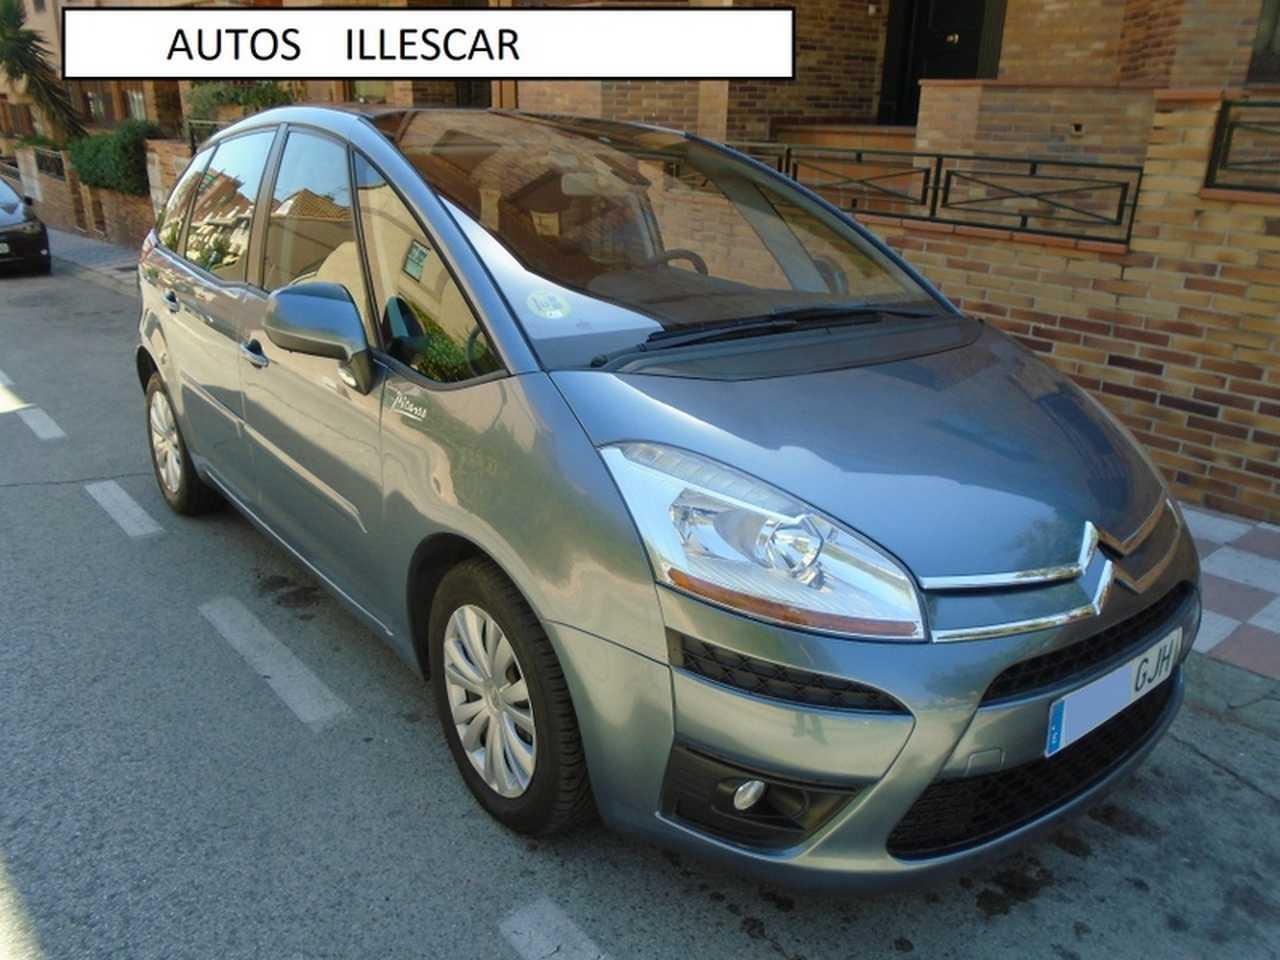 Citroën C4 Picasso 1.6 HDI 110 CV AUTOMATICA  - Foto 1